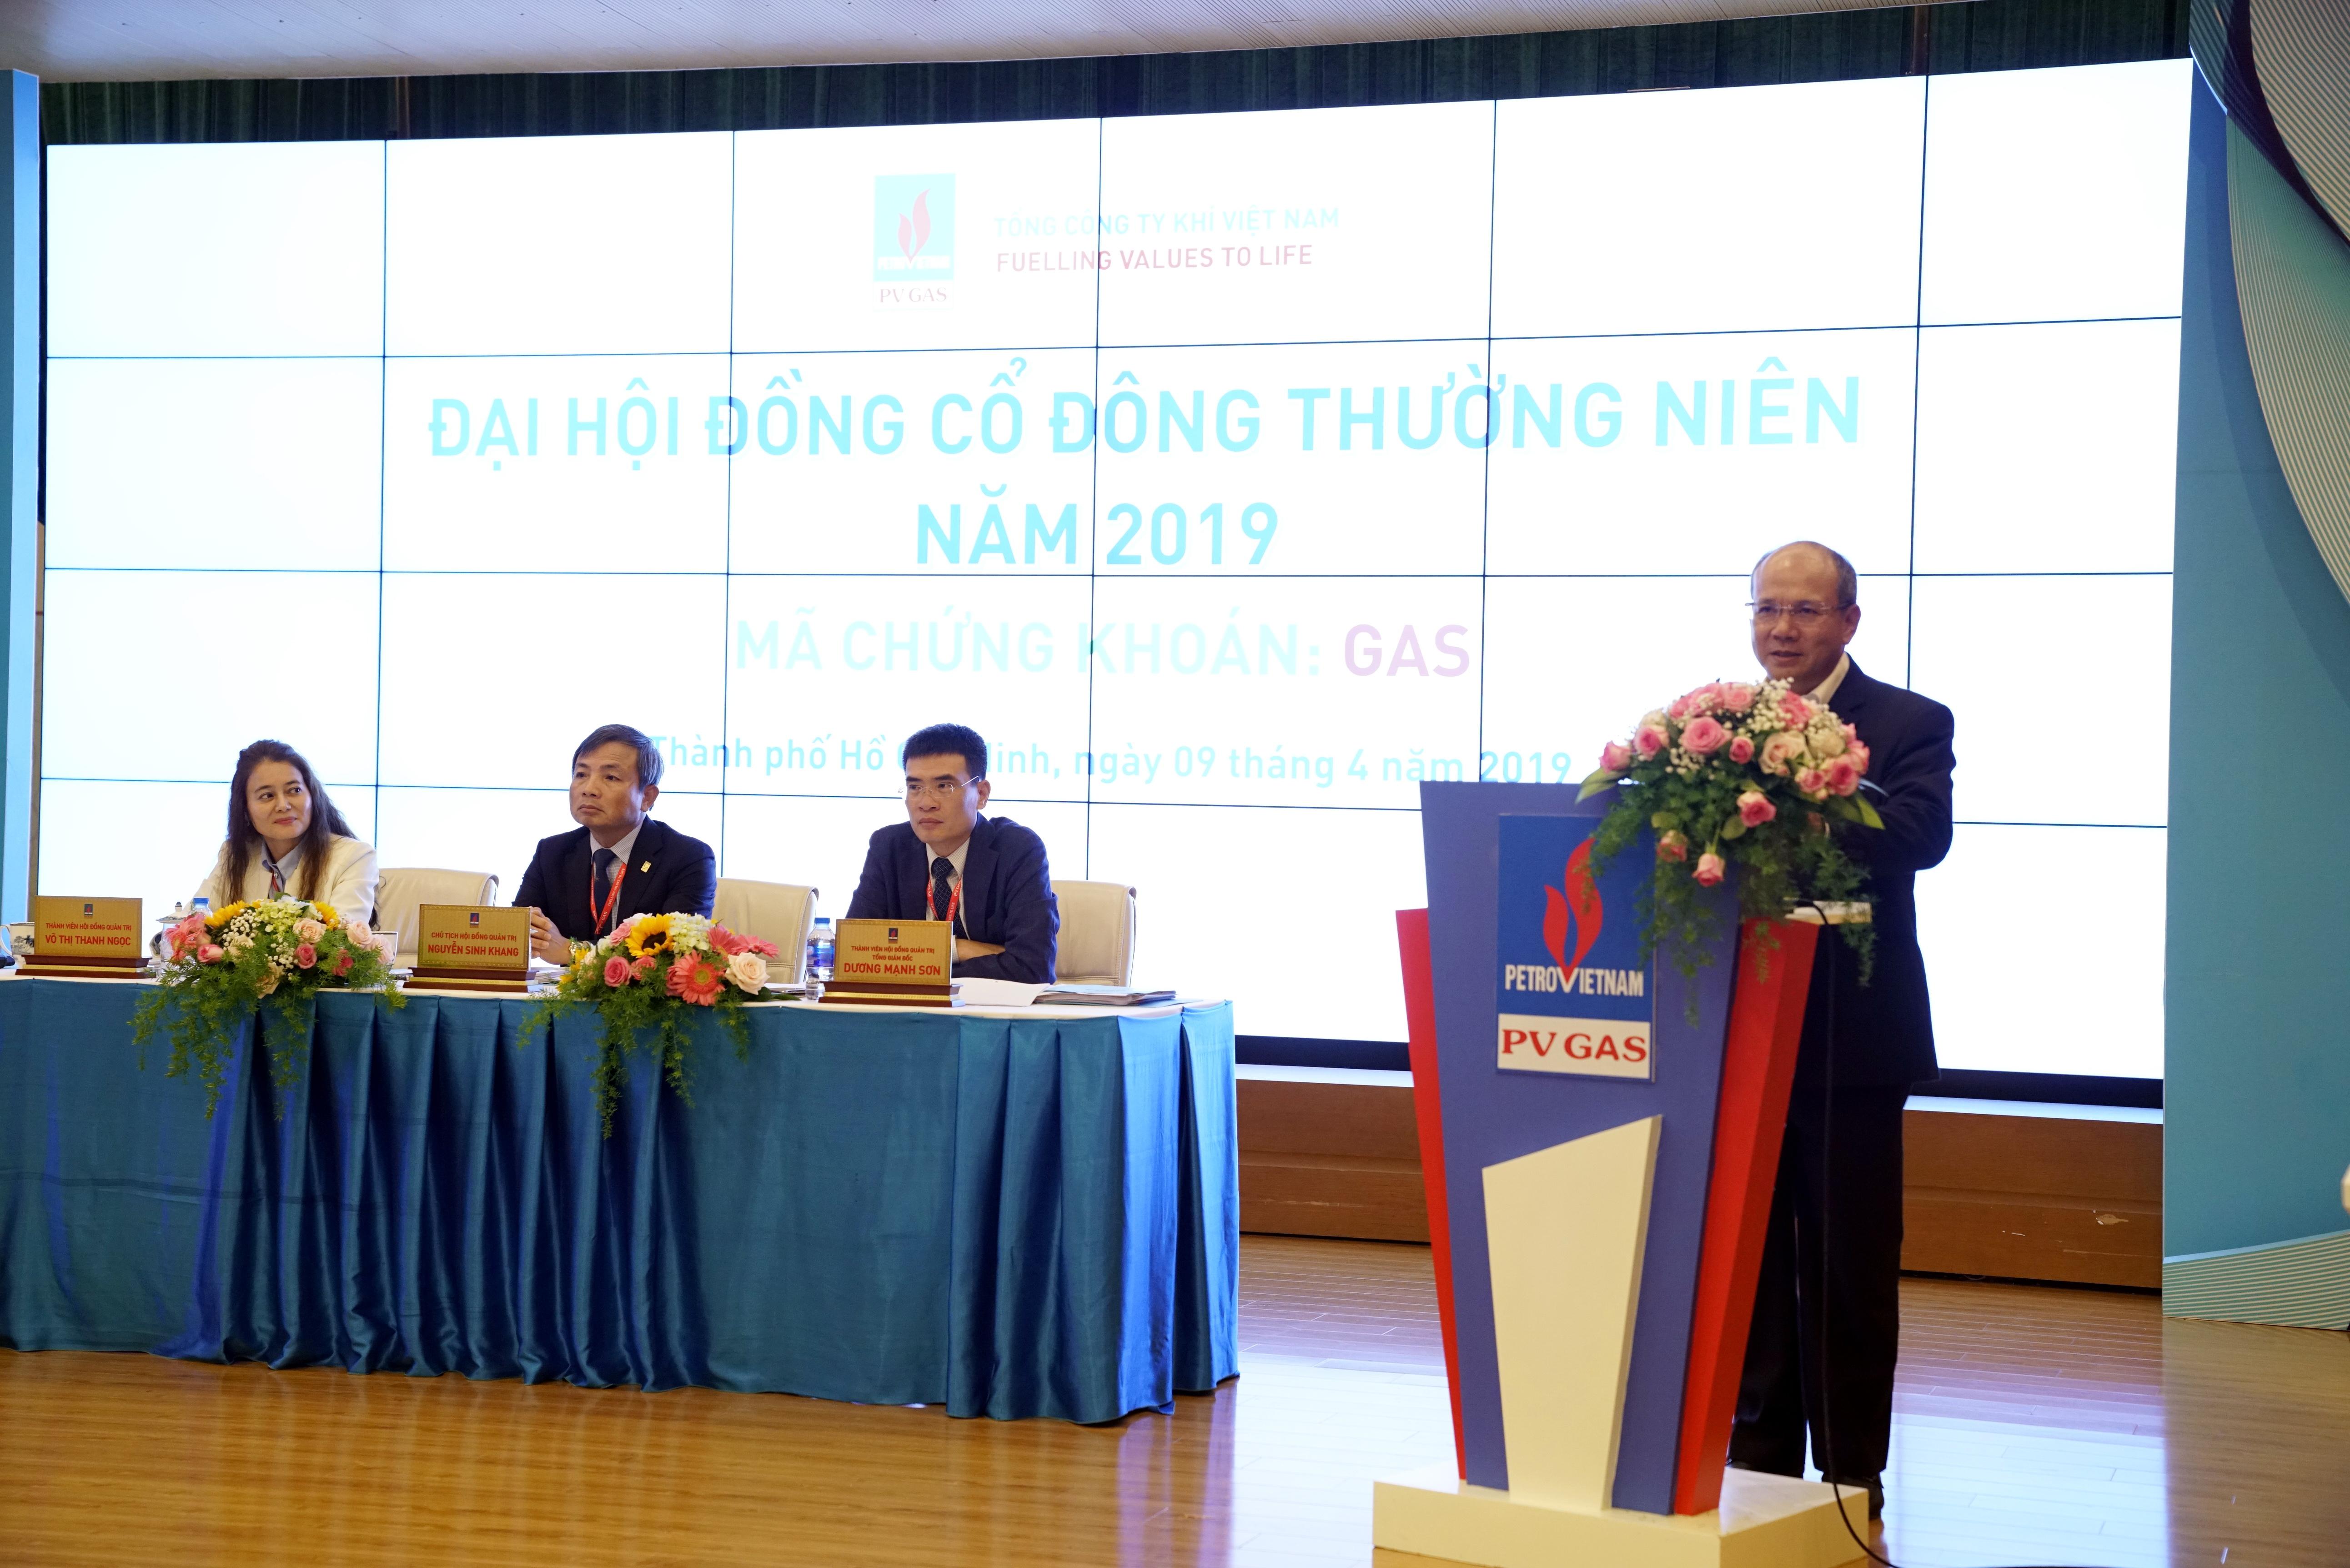 Phát biểu của ông Đinh Văn Sơn – Thành viên HĐTV PVN